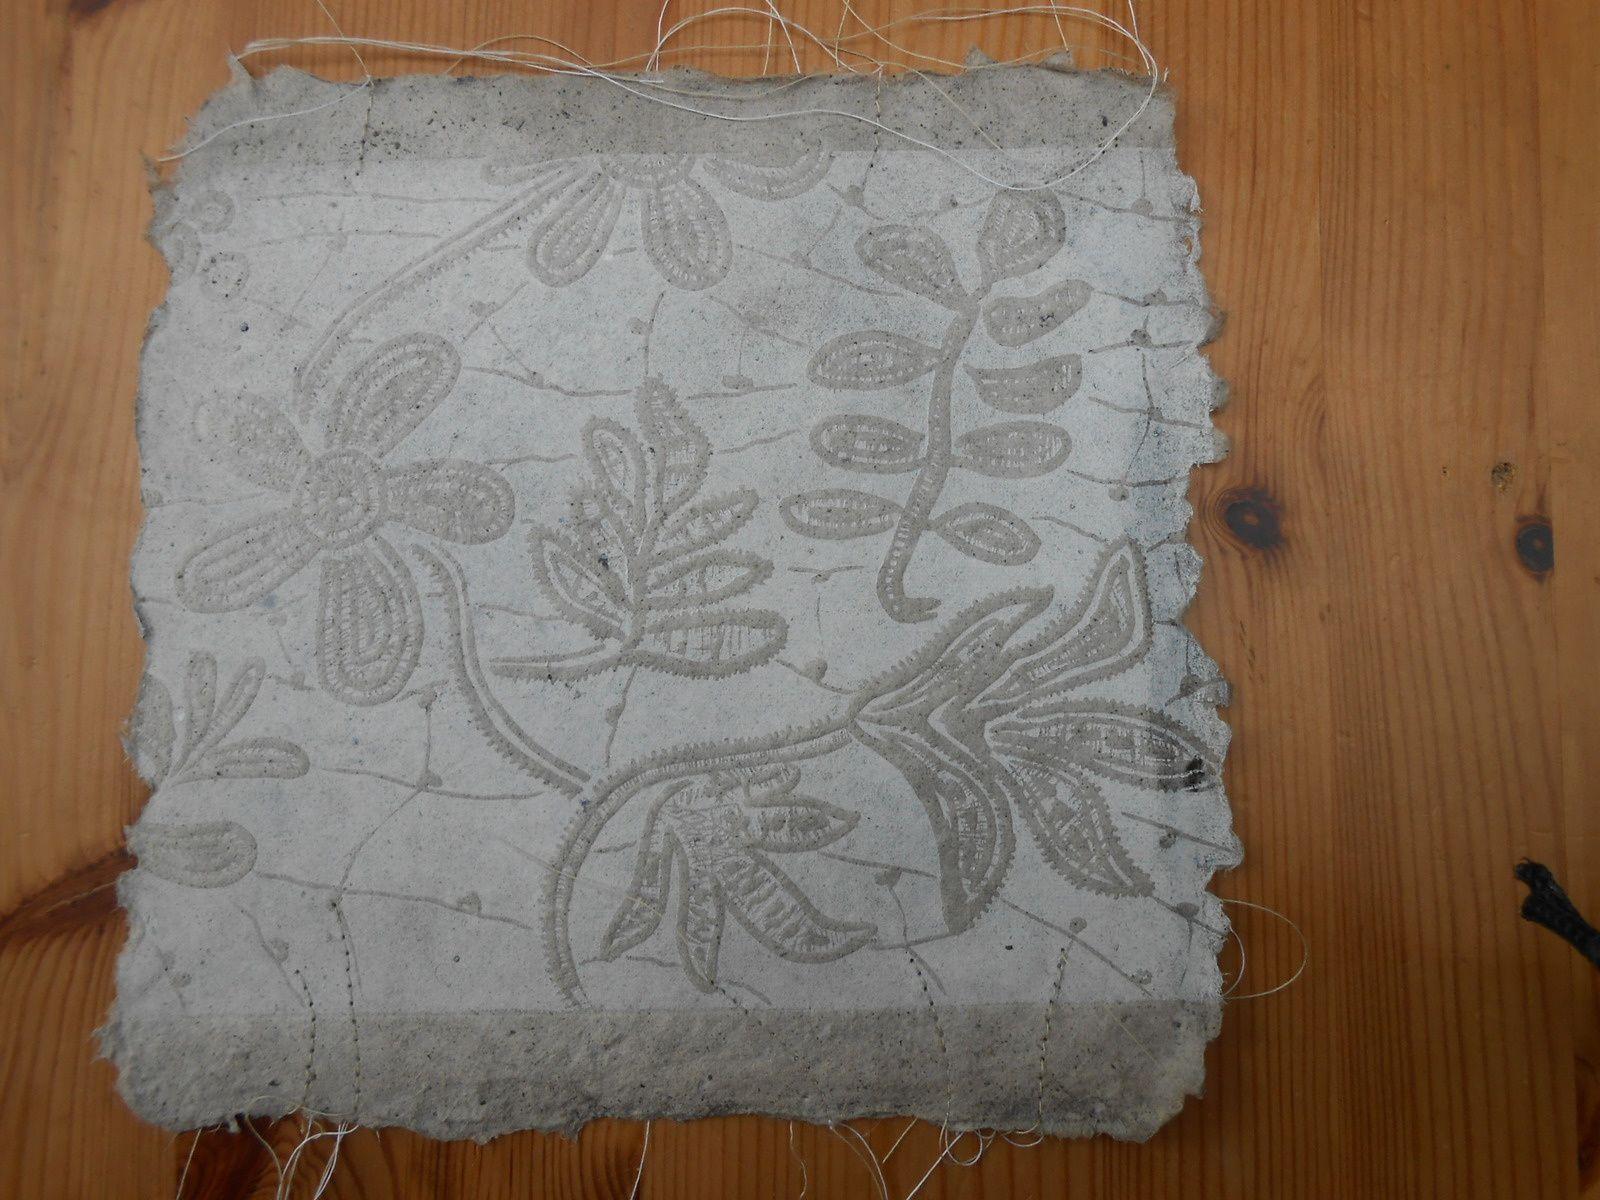 Linogravures en patchwork  de broderies d'après Jaouenn (Quimper) sur papier de chanvre teinté au jus de morta noir , inclusions de fibres brutes de lin, chanvre, ramie .........